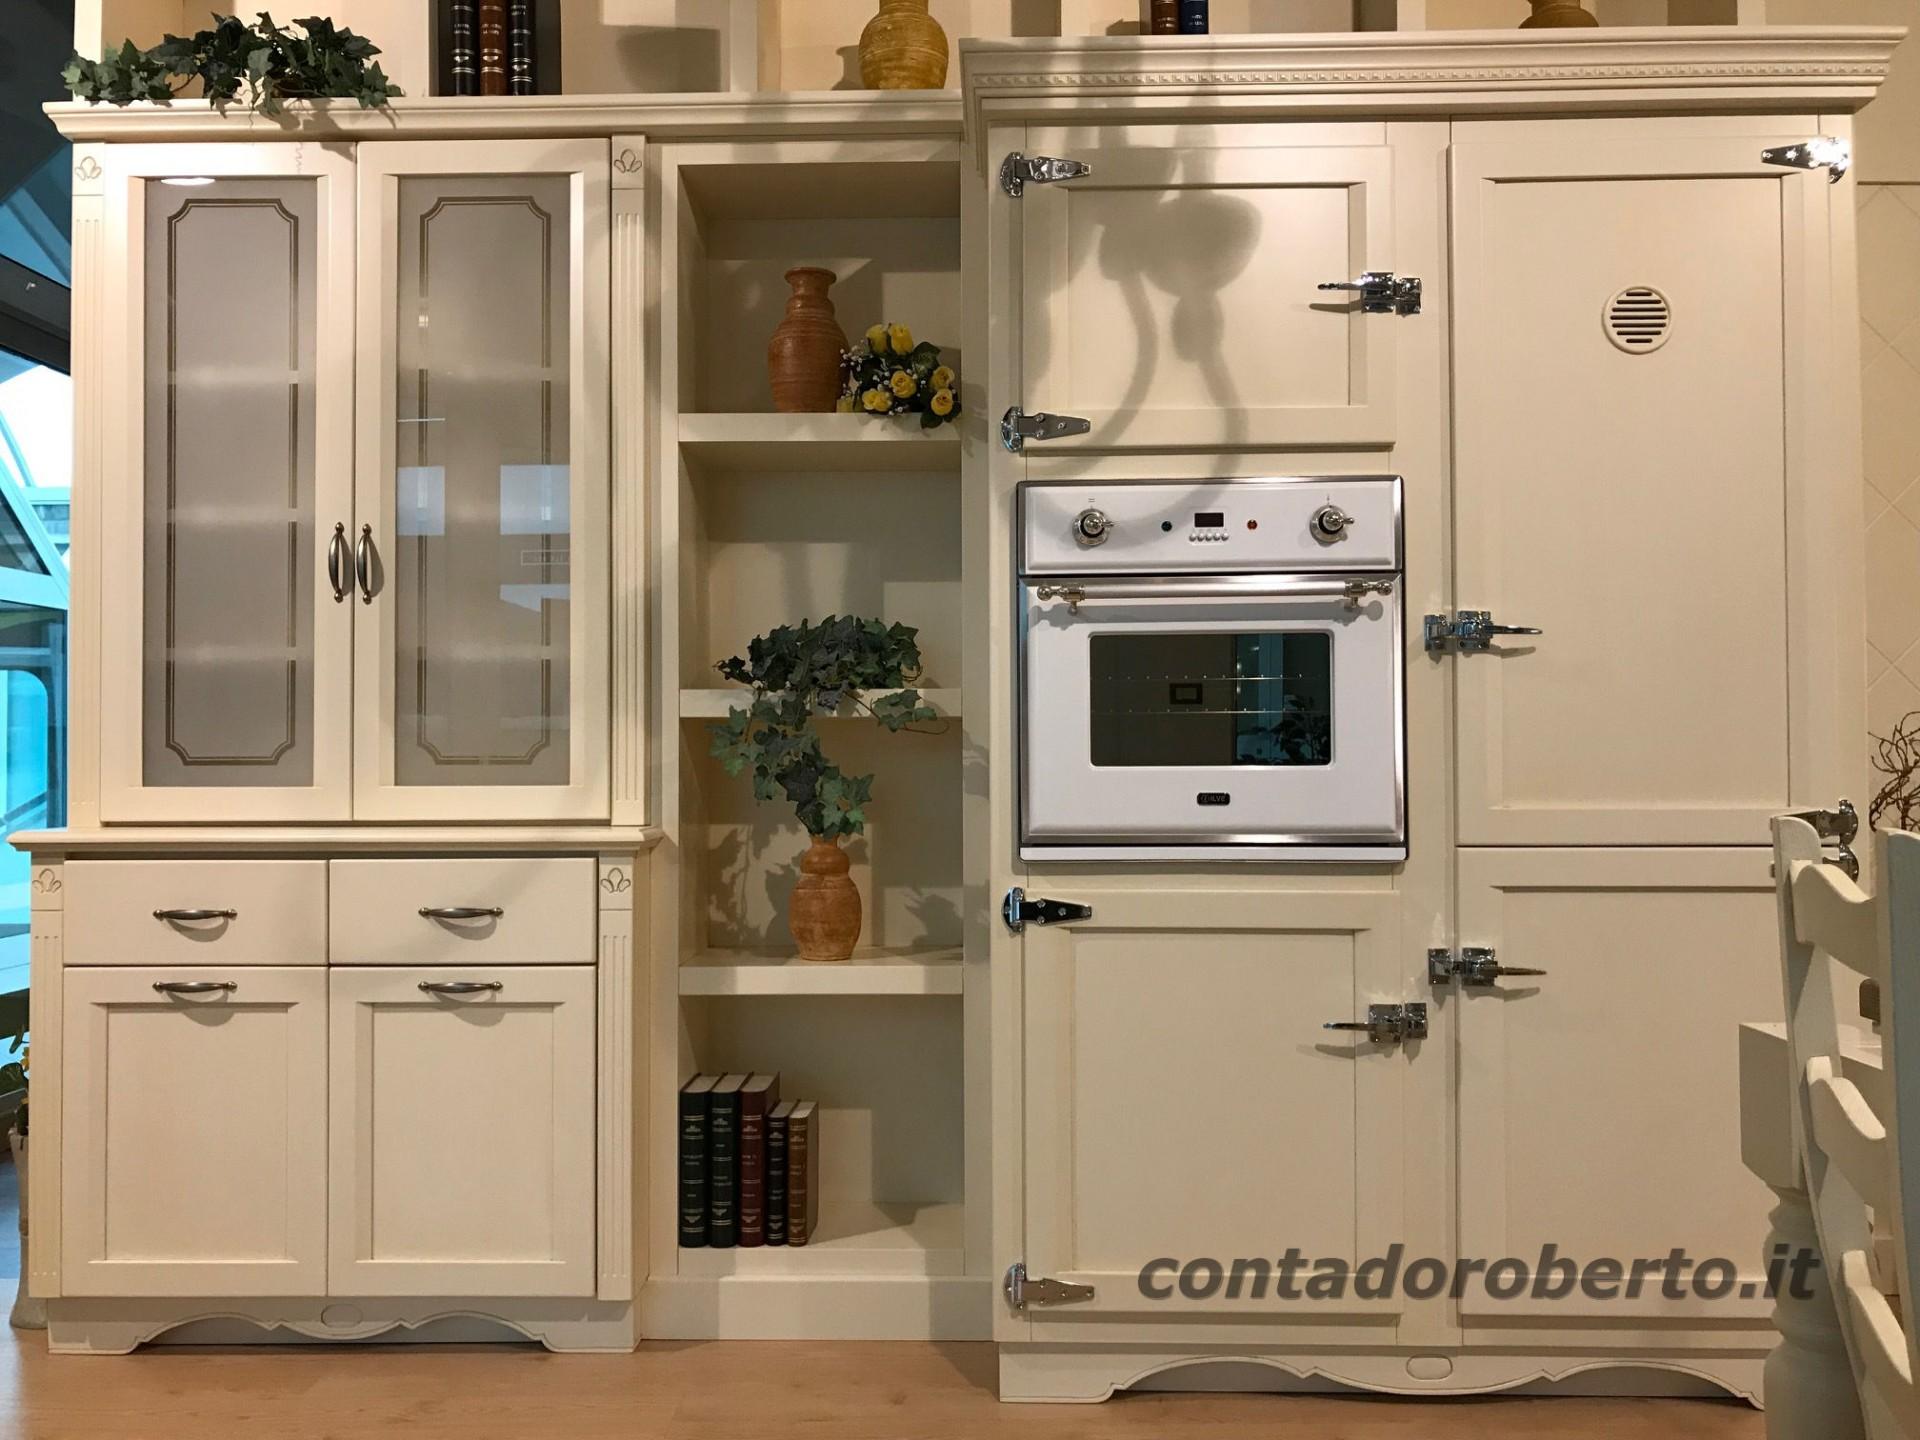 Cucina in Legno Country Chic | Contado Roberto Group | Cucine e ...